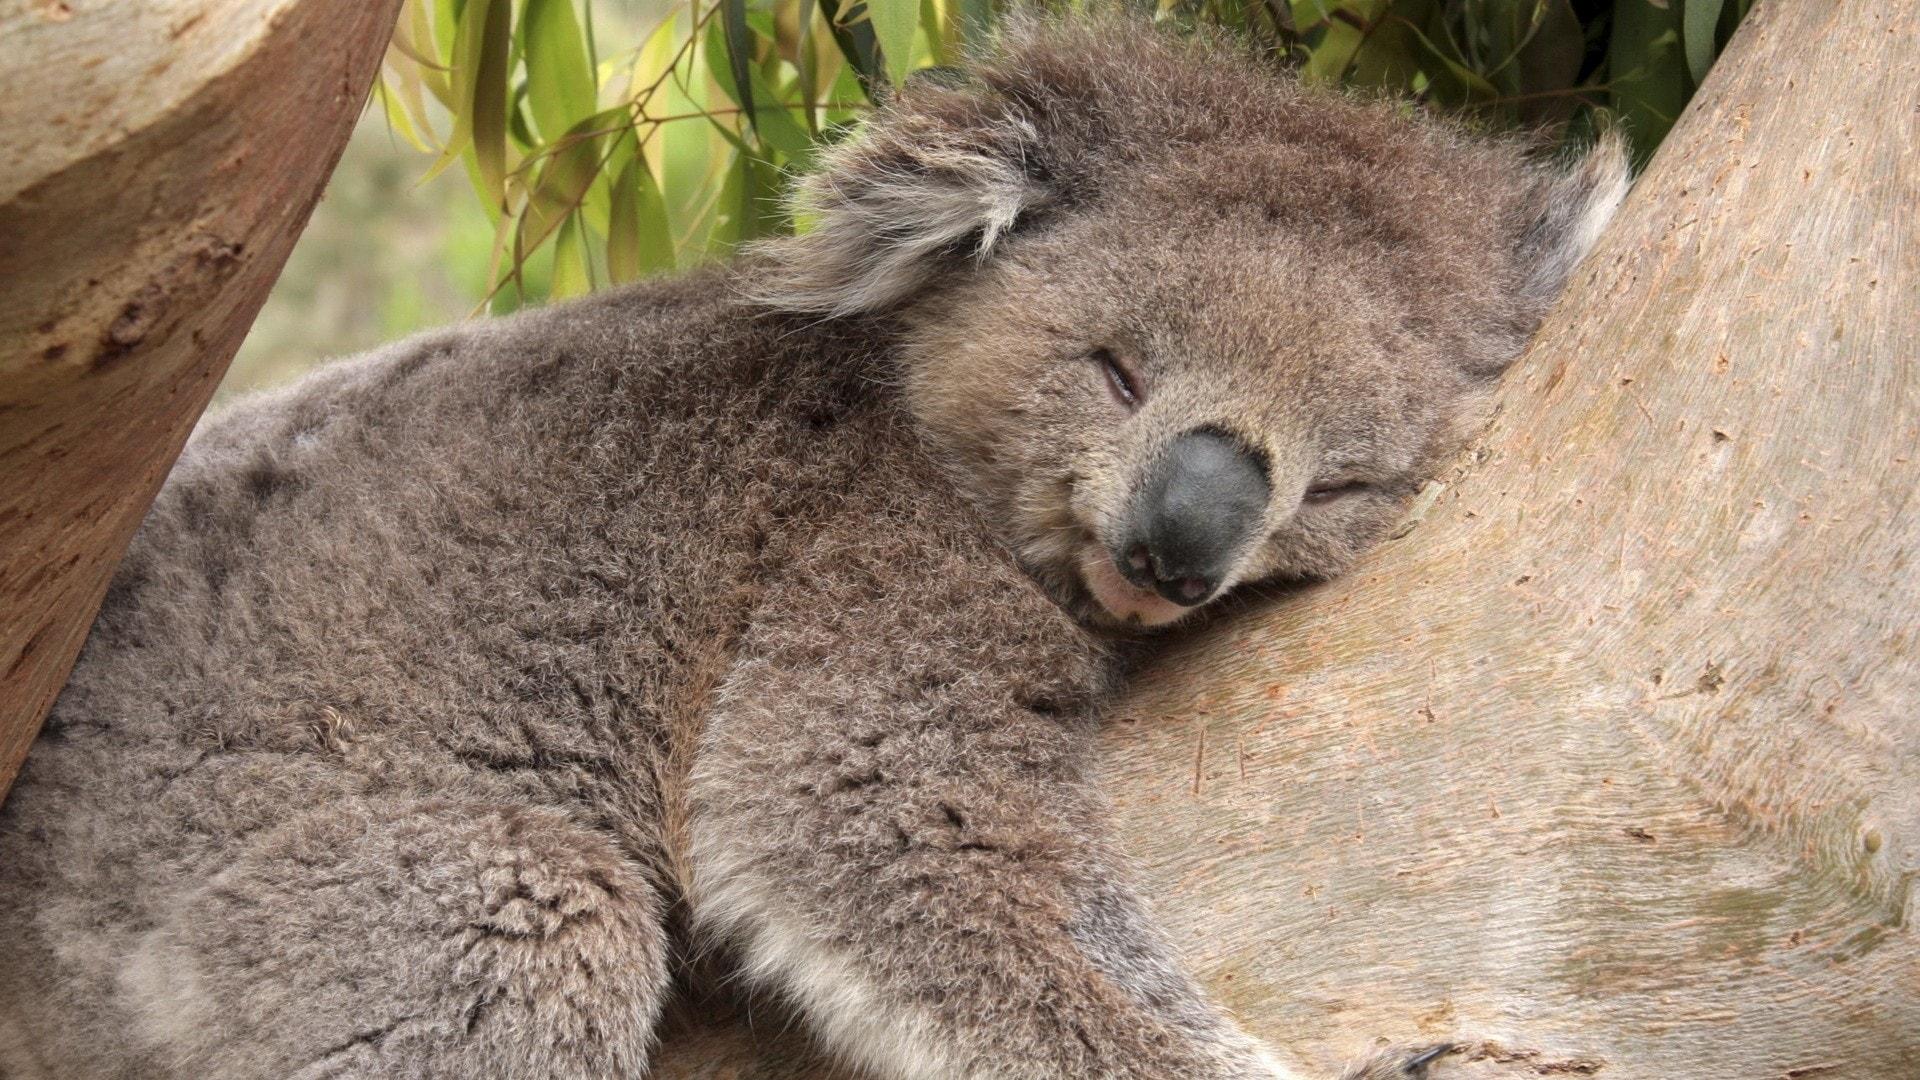 Koala High